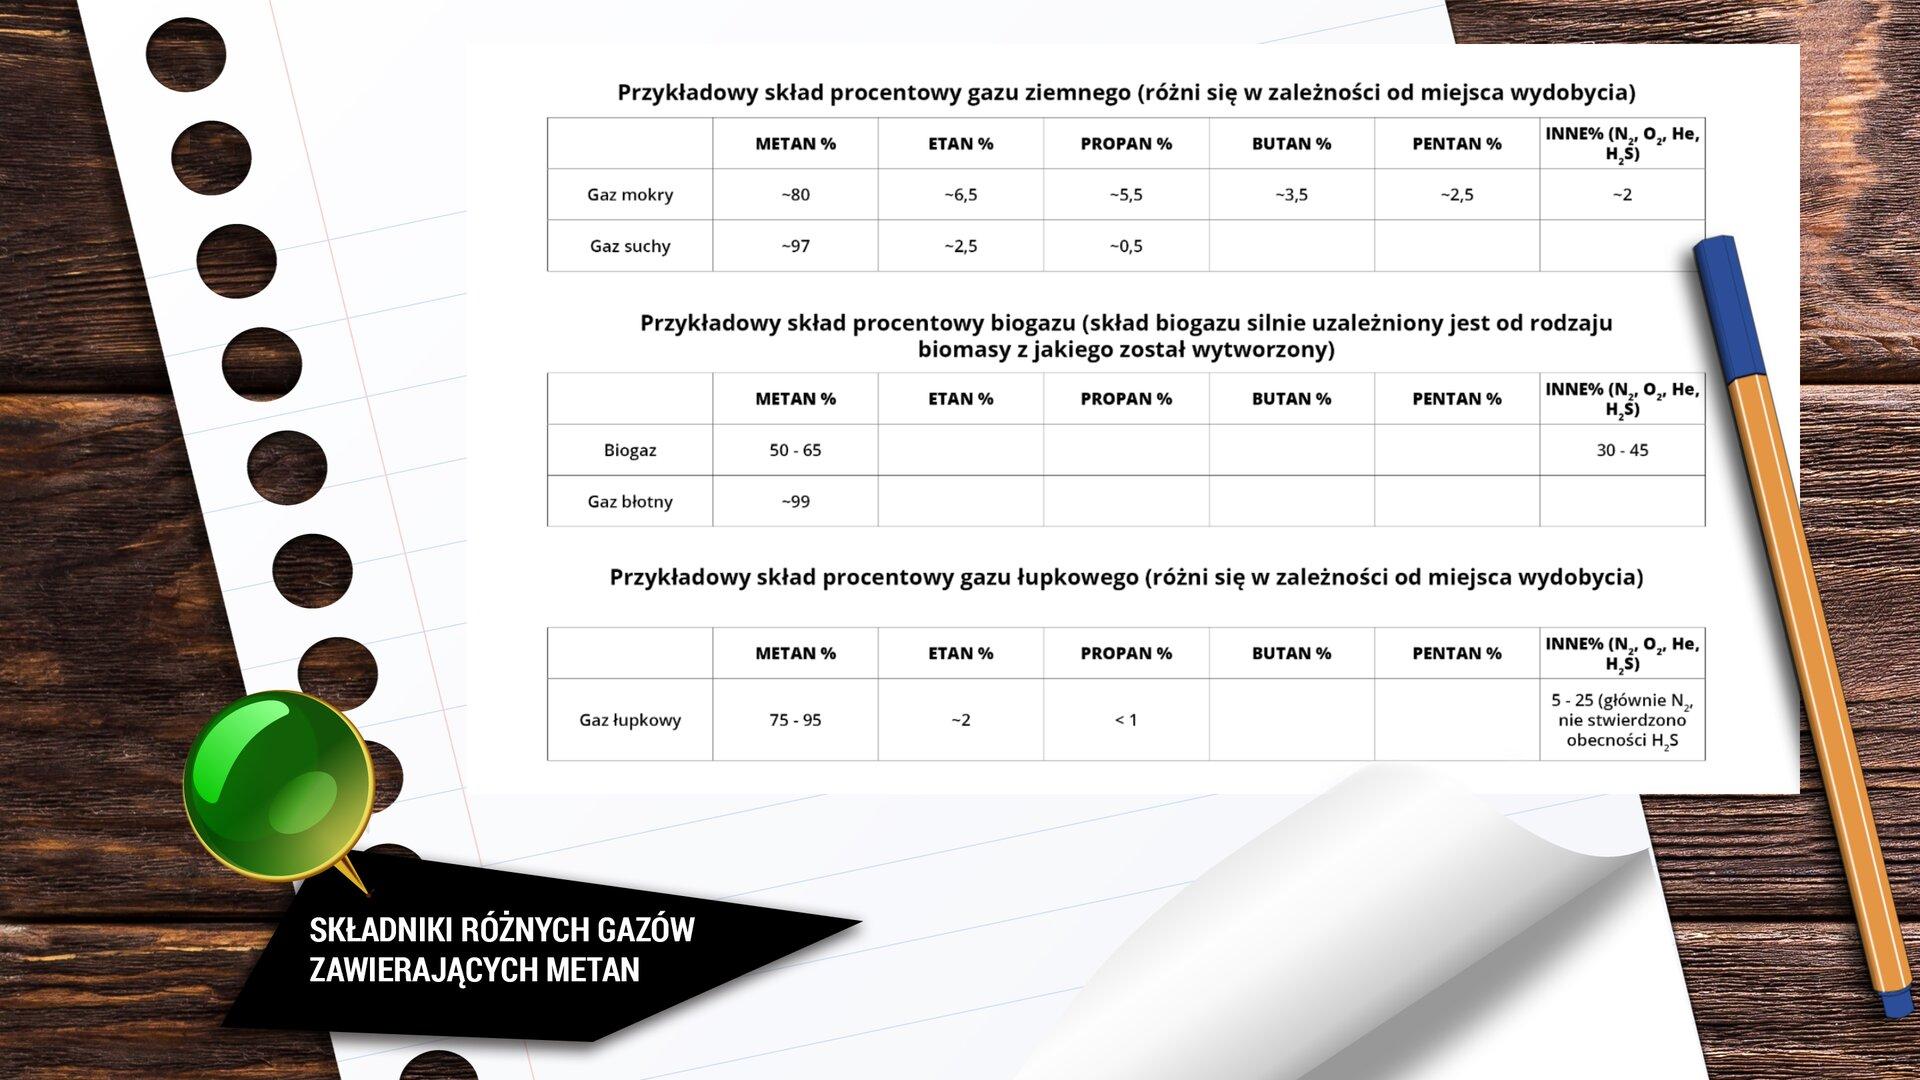 """Ilustracja przedstawia kartkę papieru leżącą na drewnianym biurku. Po prawej leży również cienkopis. Na kartce widać trzy tabelki podpisane kolejno: """"Przykładowy skład procentowy gazu ziemnego (różni się wzależności od miejsca wydobycia)"""", """"Przykładowy skład procentowy biogazu (skład biogazu silnie uzależniony jest od rodzaju biogazu zjakiego został wytworzony)"""", """"Przykładowy skład procentowy gazu łupkowego (różni się wzależności od miejsca wydobycia"""". Pierwsza tabelka przedstawia skład gazu ziemnego, wyszczególniając gaz suchy igaz mokry. Druga tabelka przedstawia skład biogazu, uwzględniając gaz błotny. Trzecia tabelka przedstawia skład gazu łupkowego."""